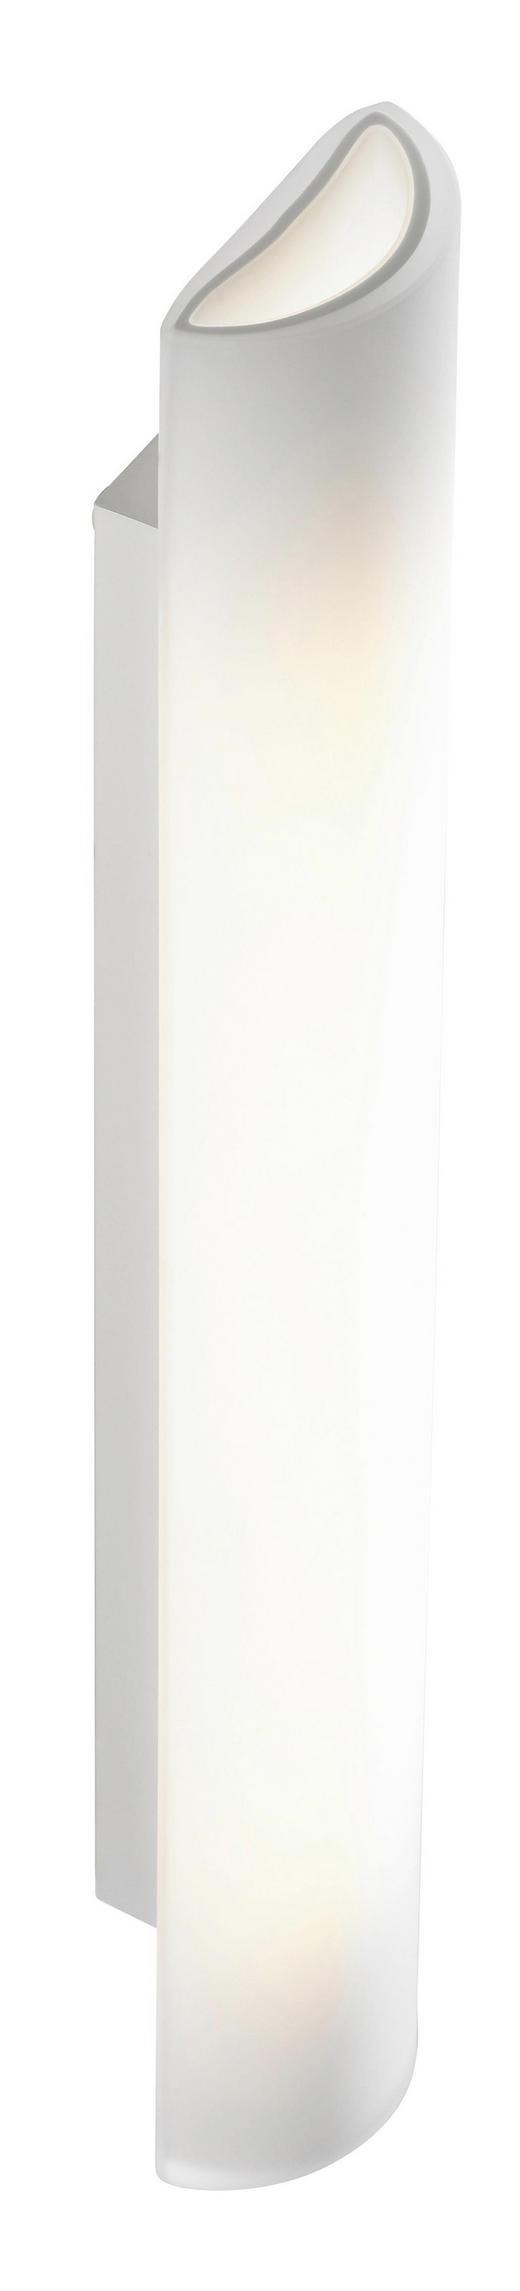 WANDLEUCHTE - Weiß, LIFESTYLE, Metall (54/9/6cm) - Bankamp